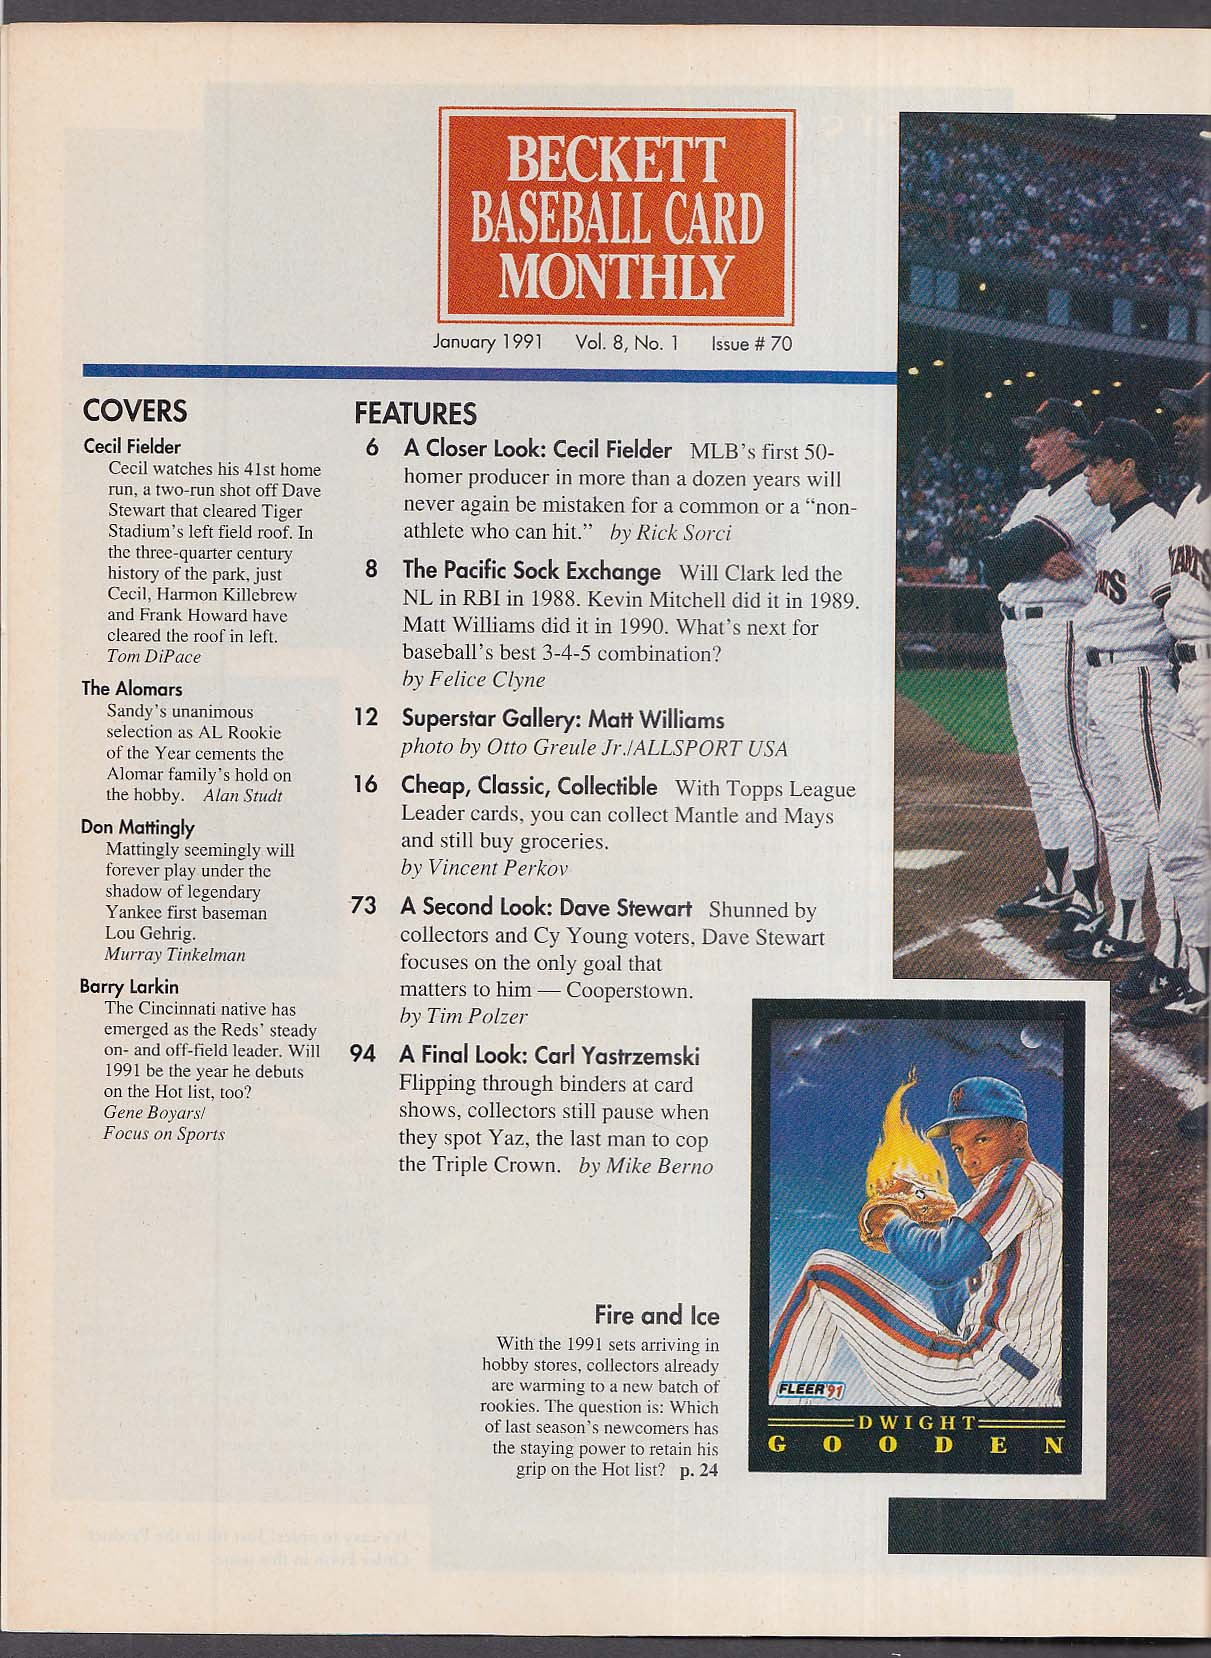 Beckett Baseball Card Monthly 70 Cecil Fielder Matt